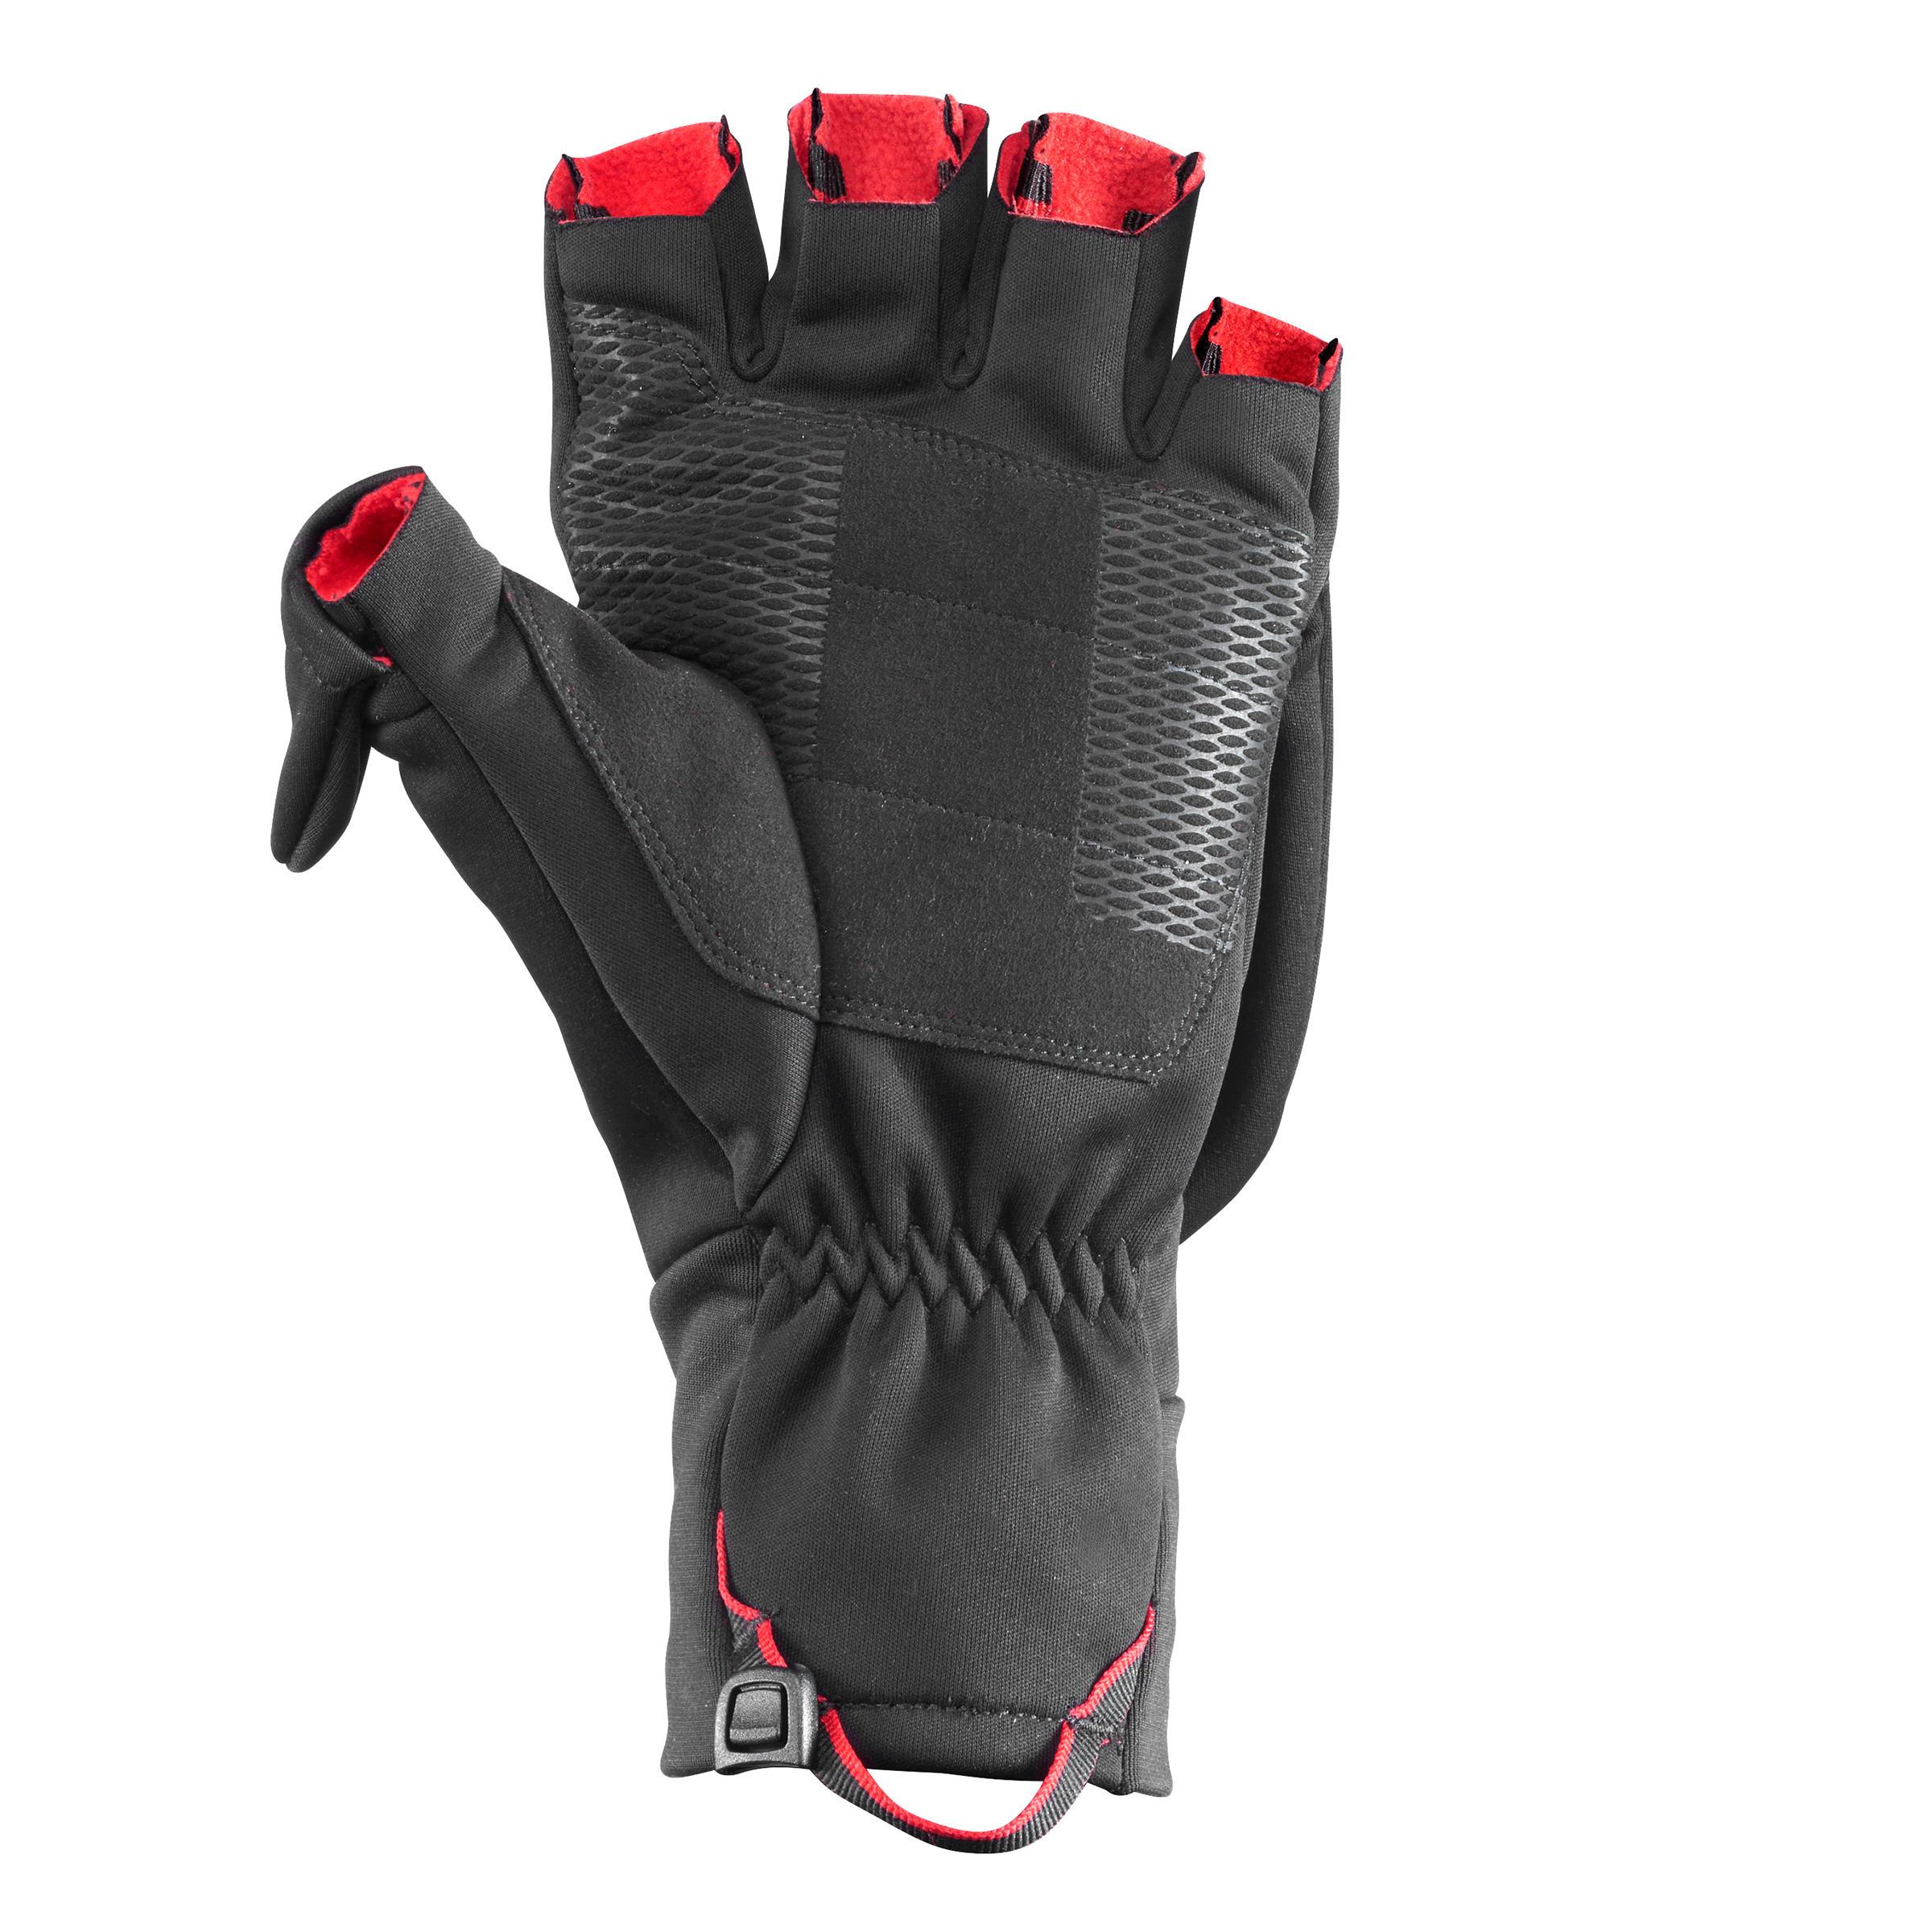 Bootsport Größe S, schwarz/blau Wakeboard/Wasserski-Handschuhe Bekleidung